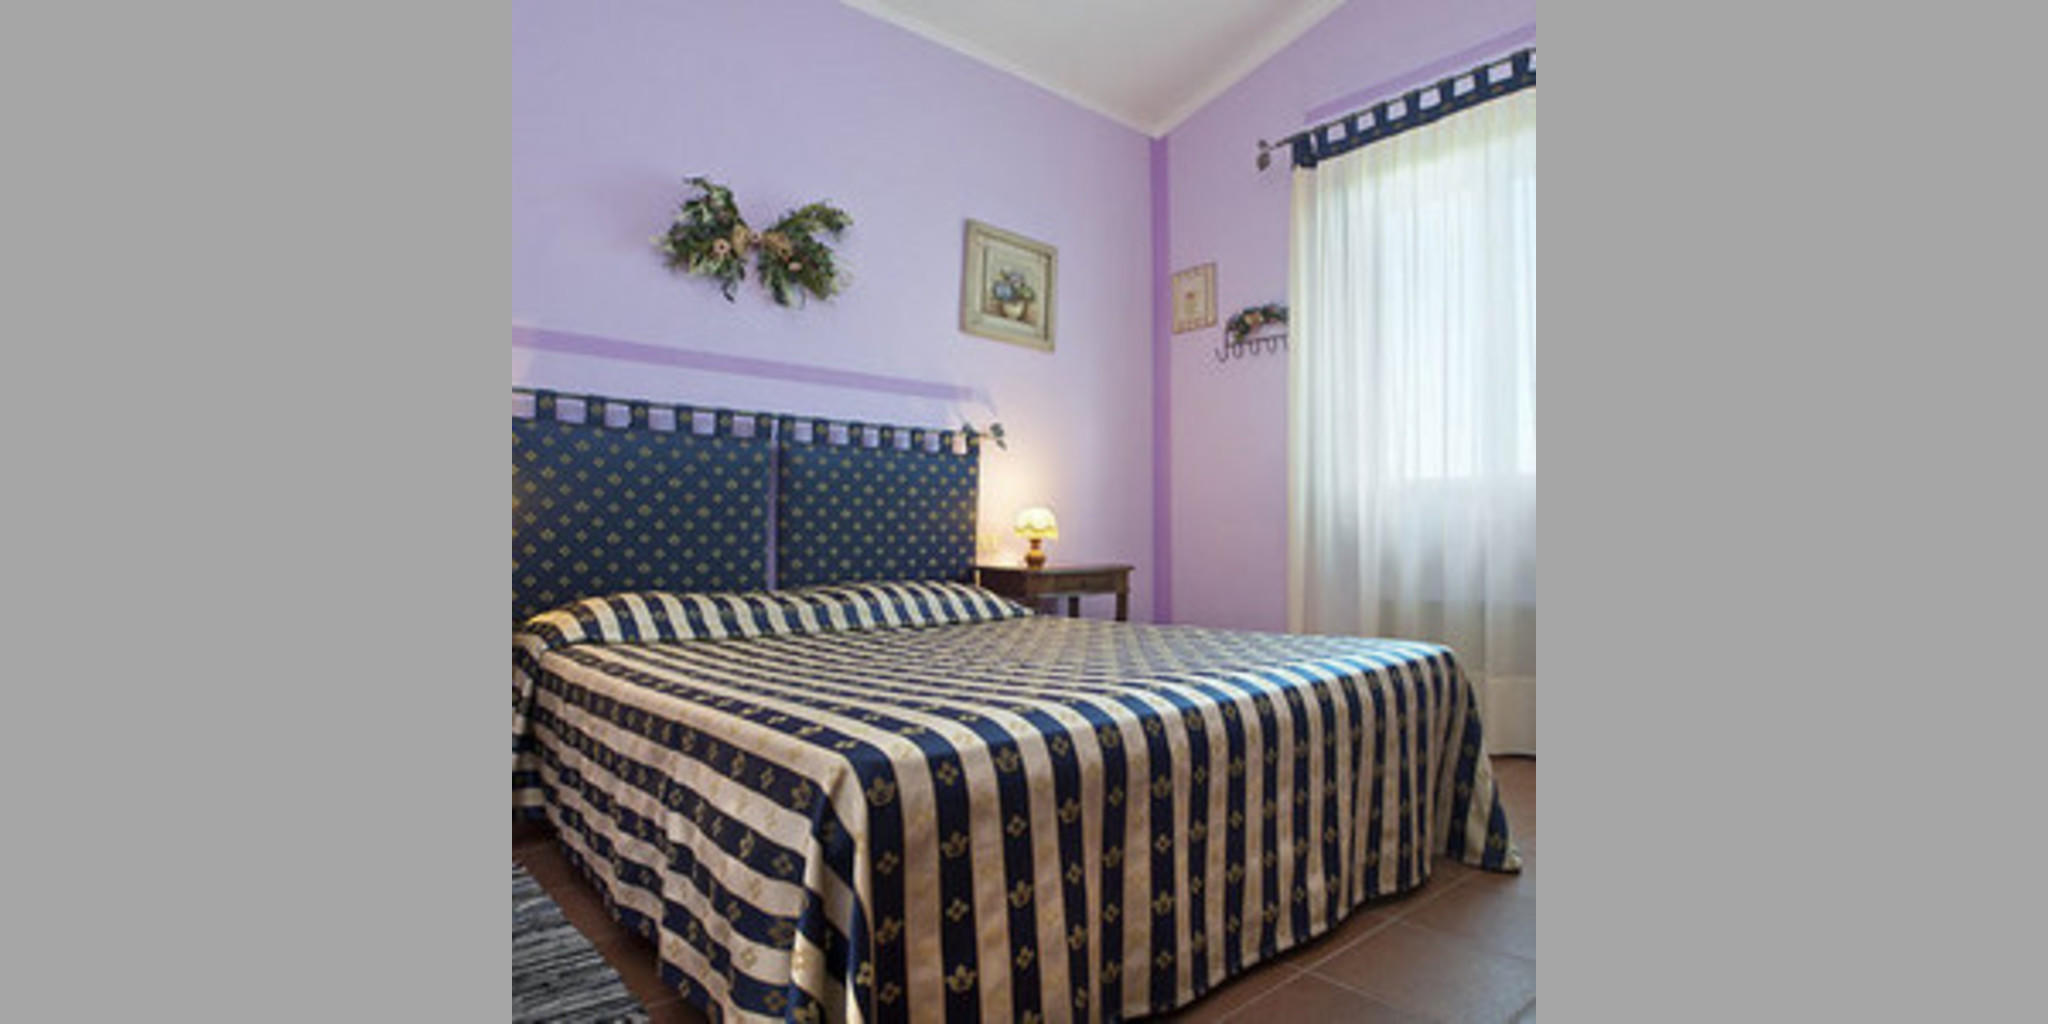 Bed & Breakfast Passignano Sul Trasimeno - Trecine